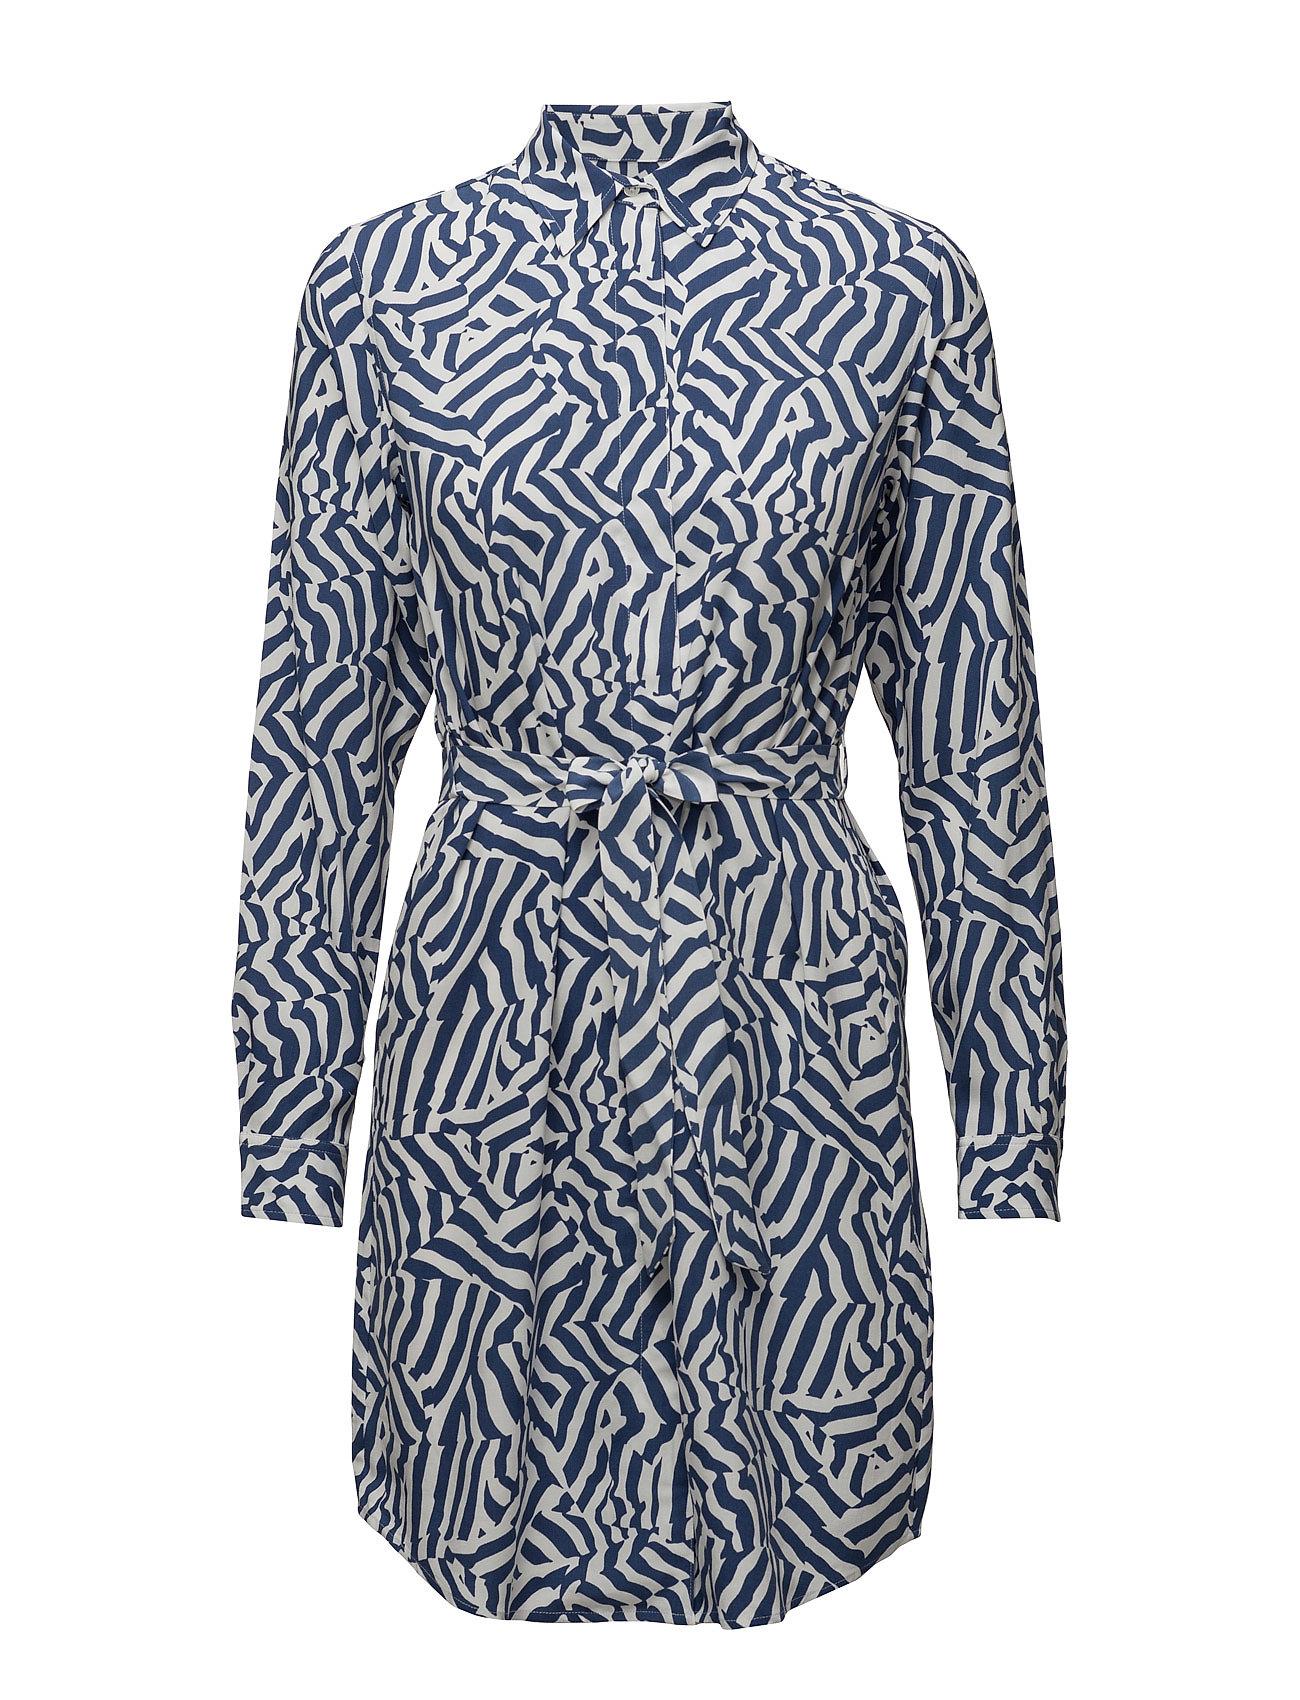 O. Camo Striped Dress GANT Kjoler til Kvinder i